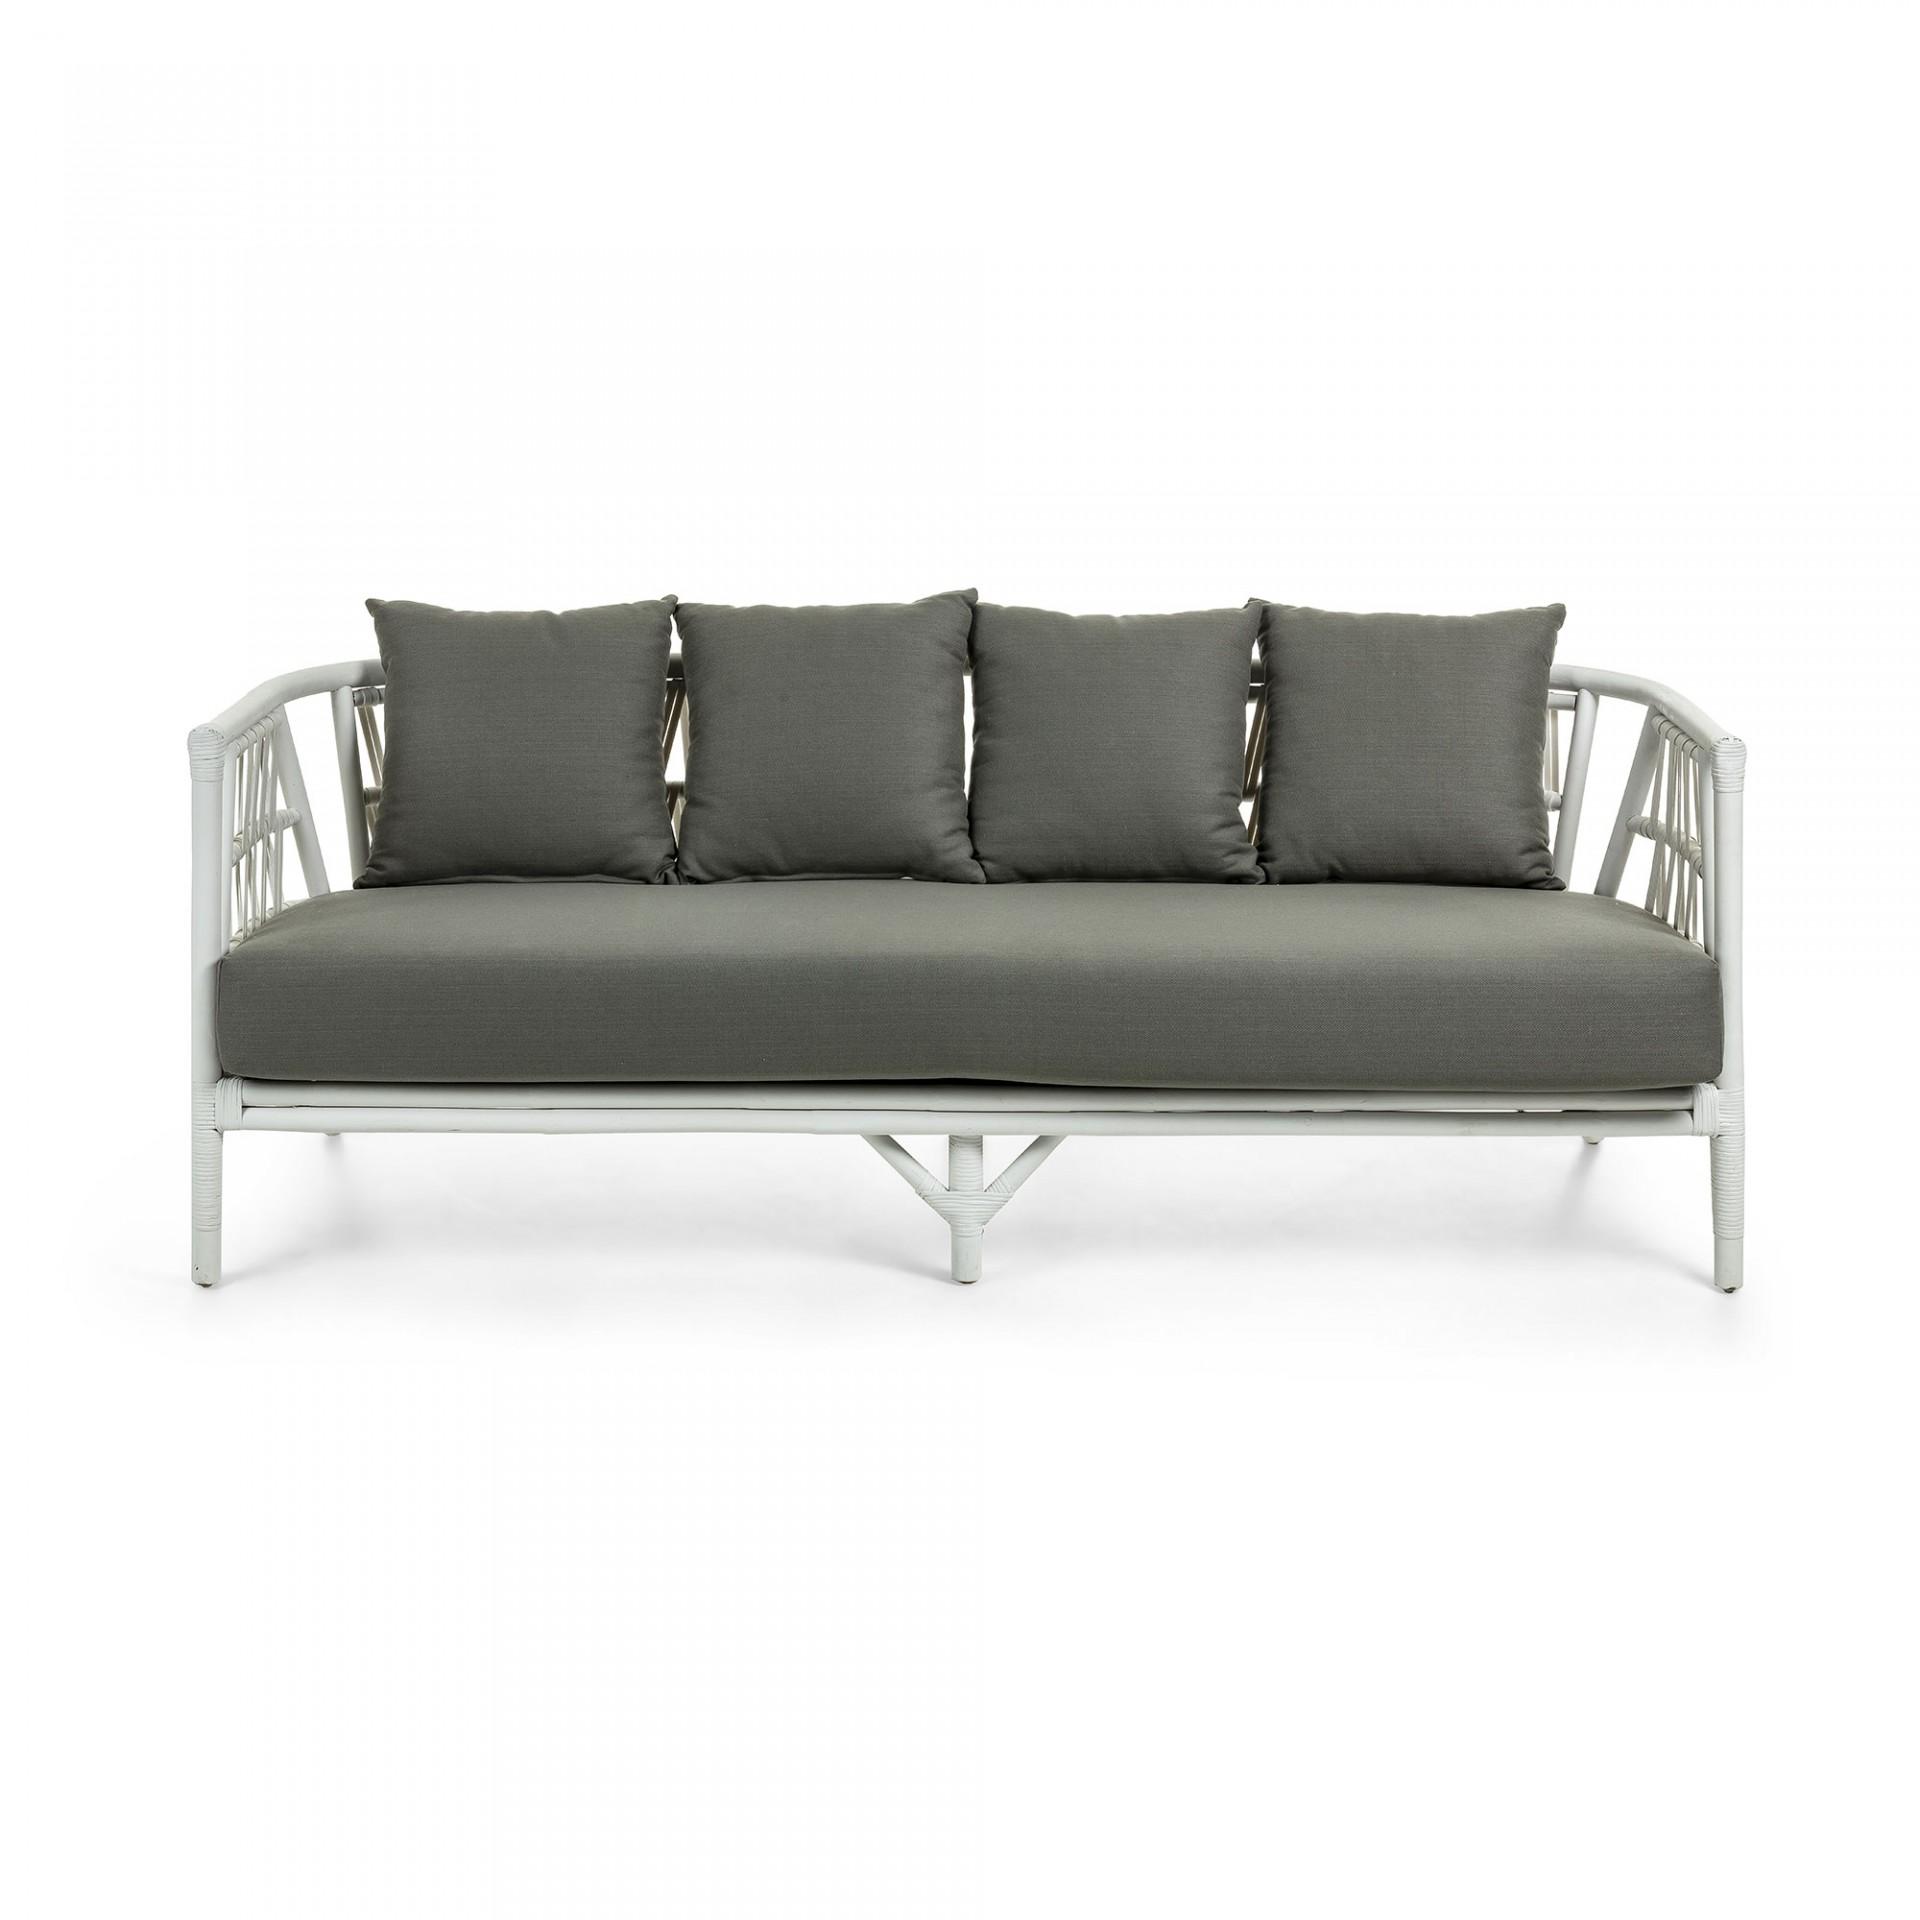 Sofá em vime natural, c/almofadas, 74x188 cm